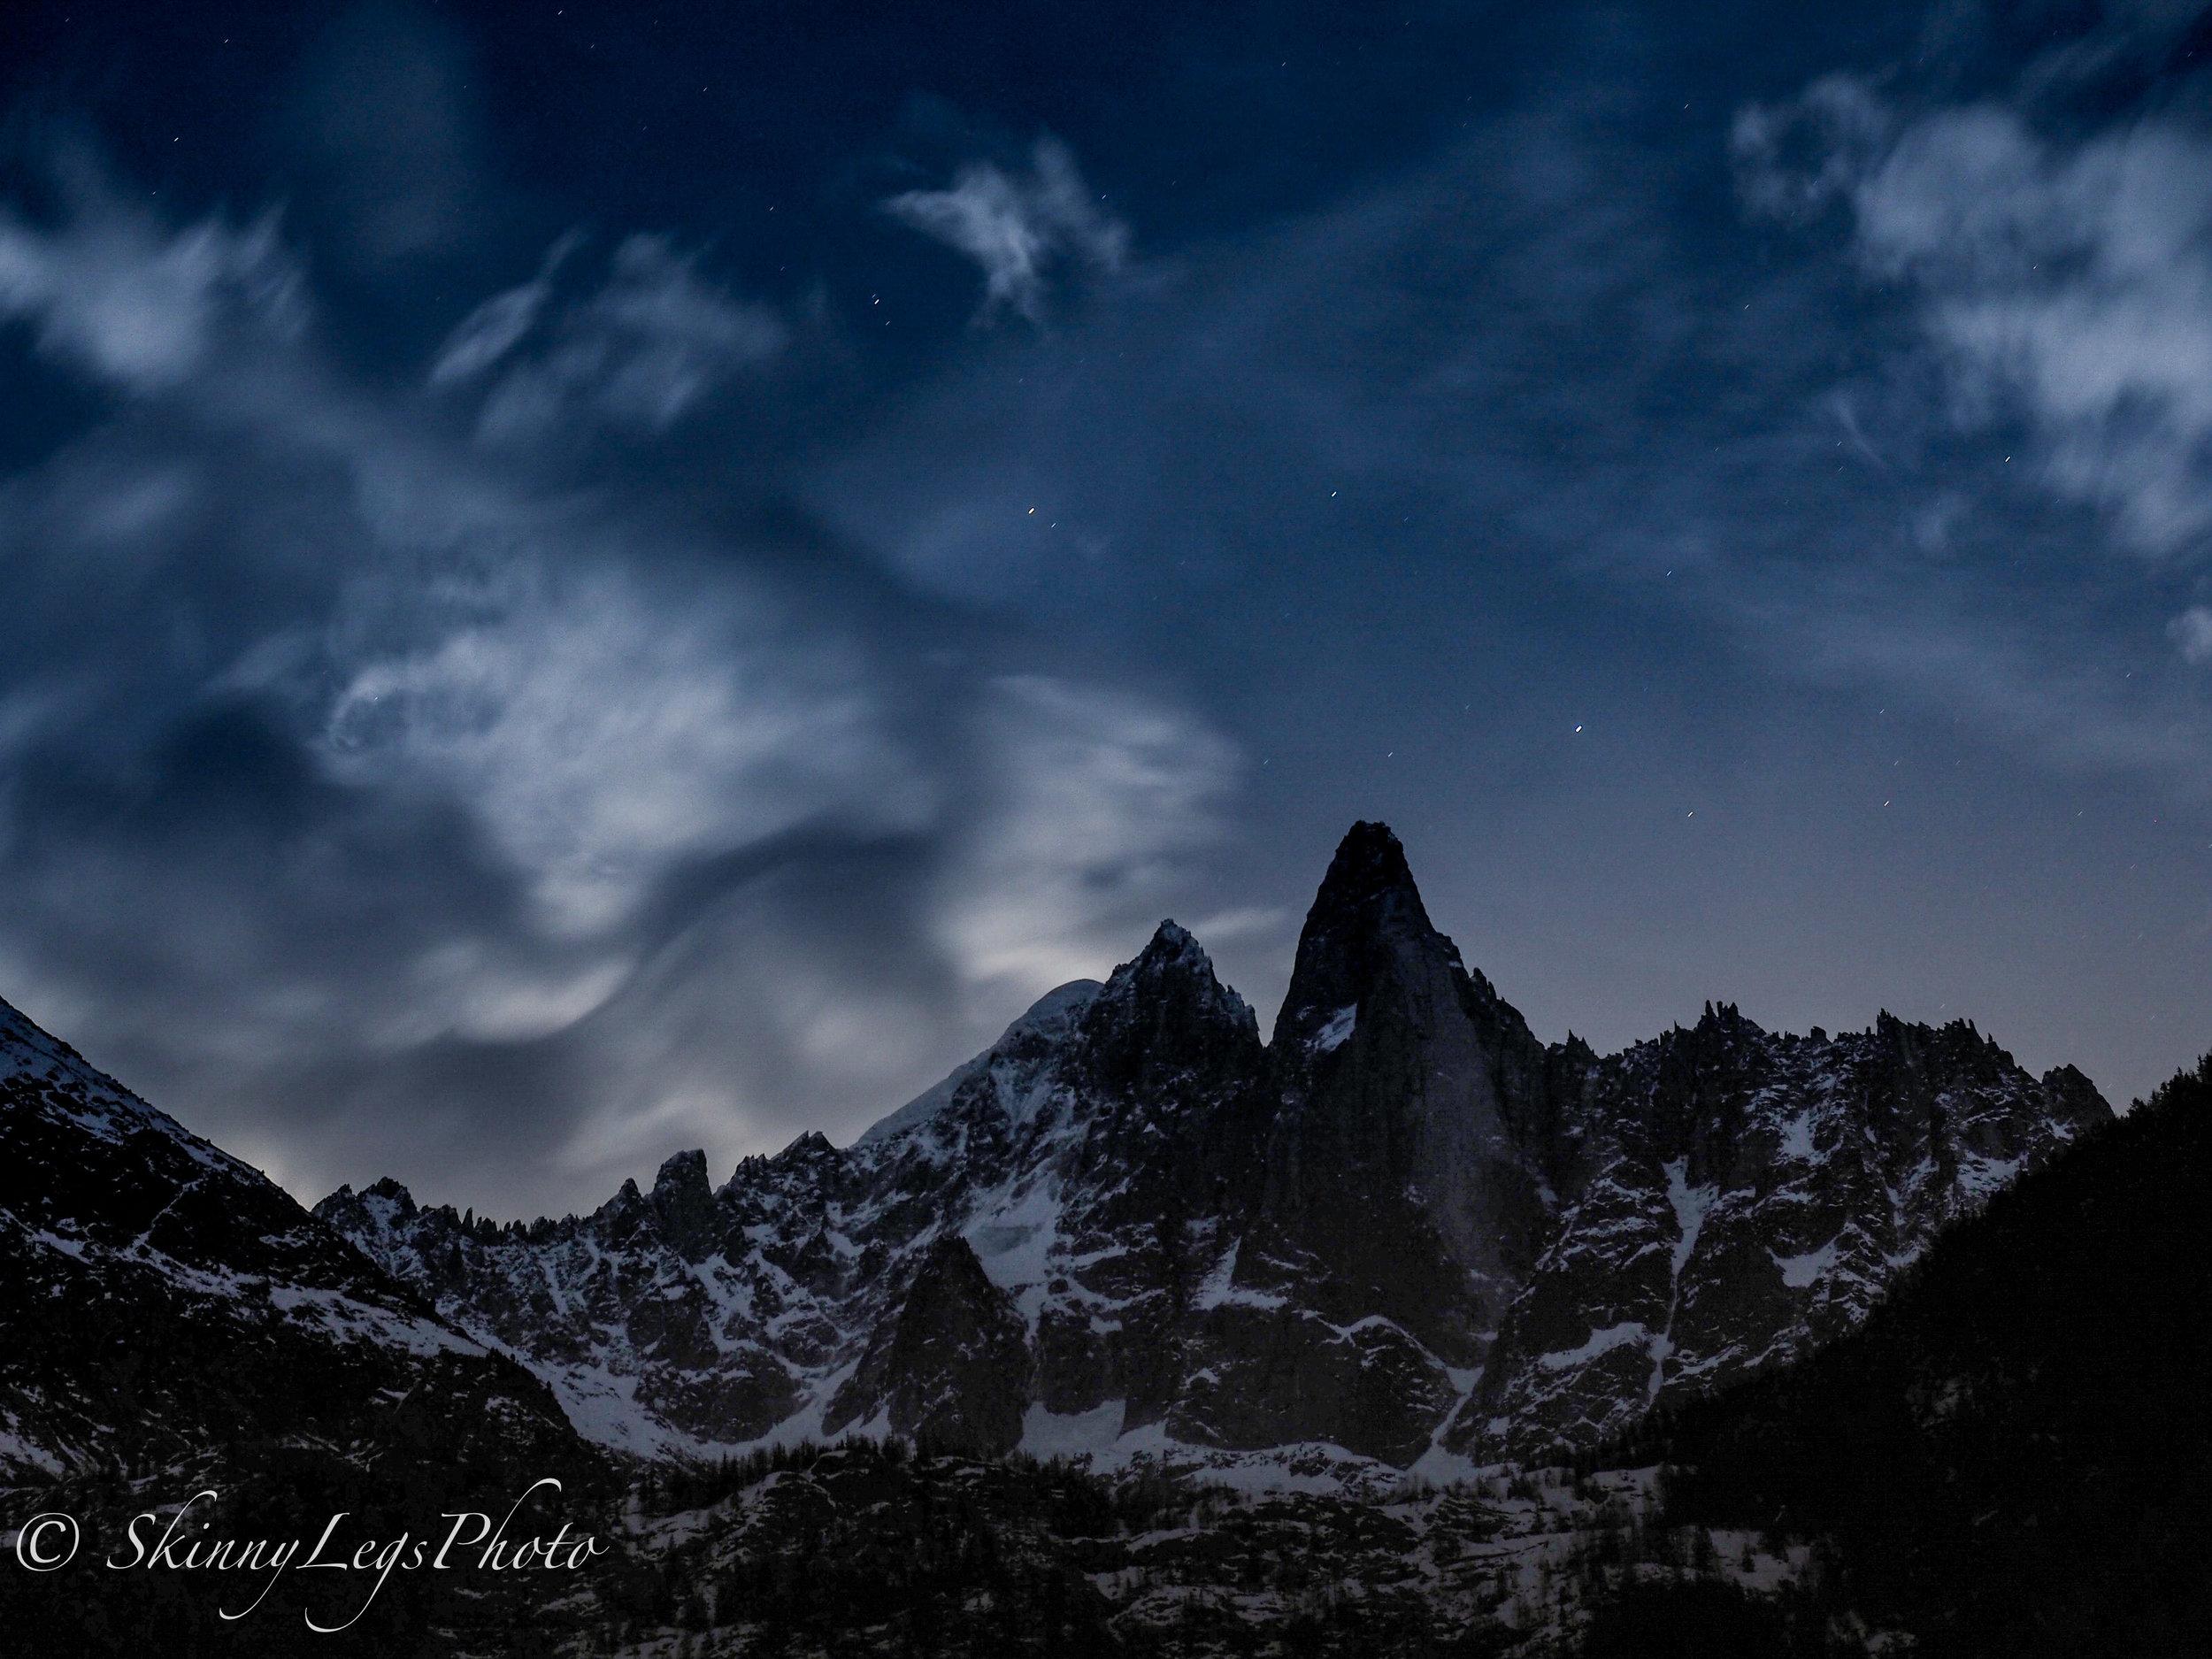 Les Drus at Night